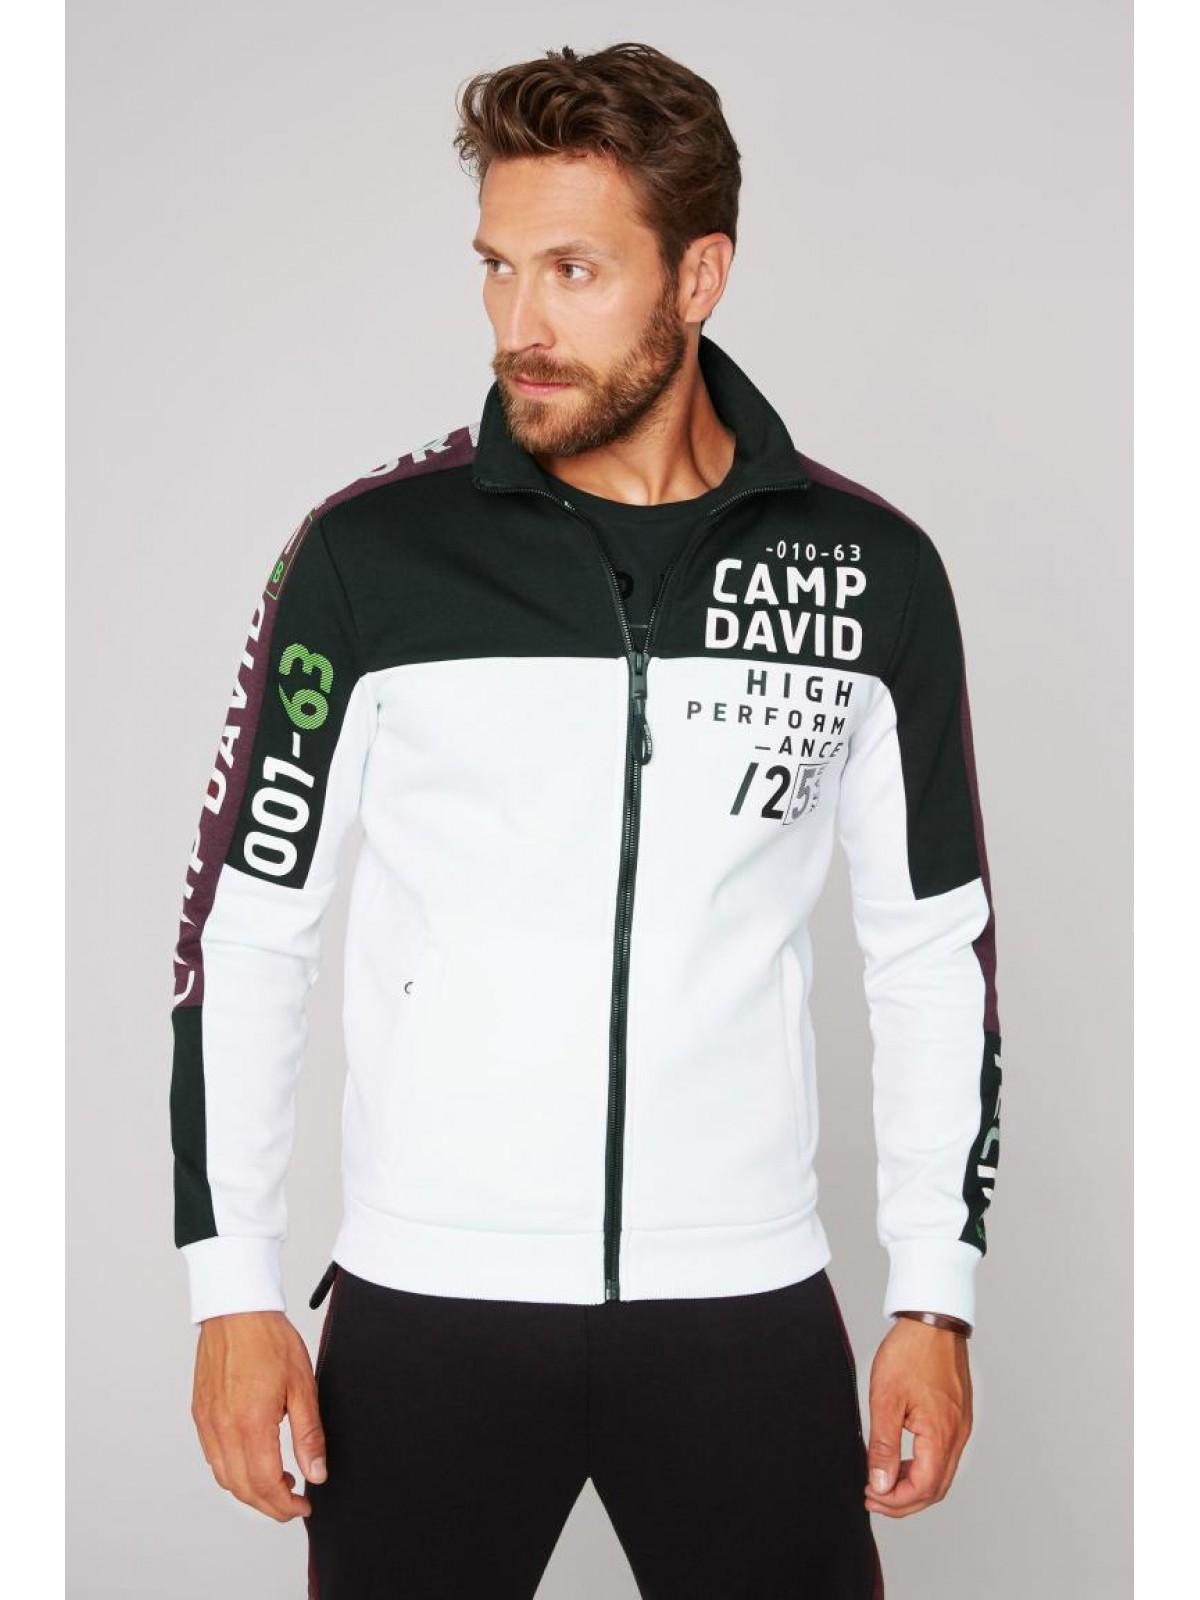 Спортивная кофта Camp David CS2108 3251 21 Ожидается!